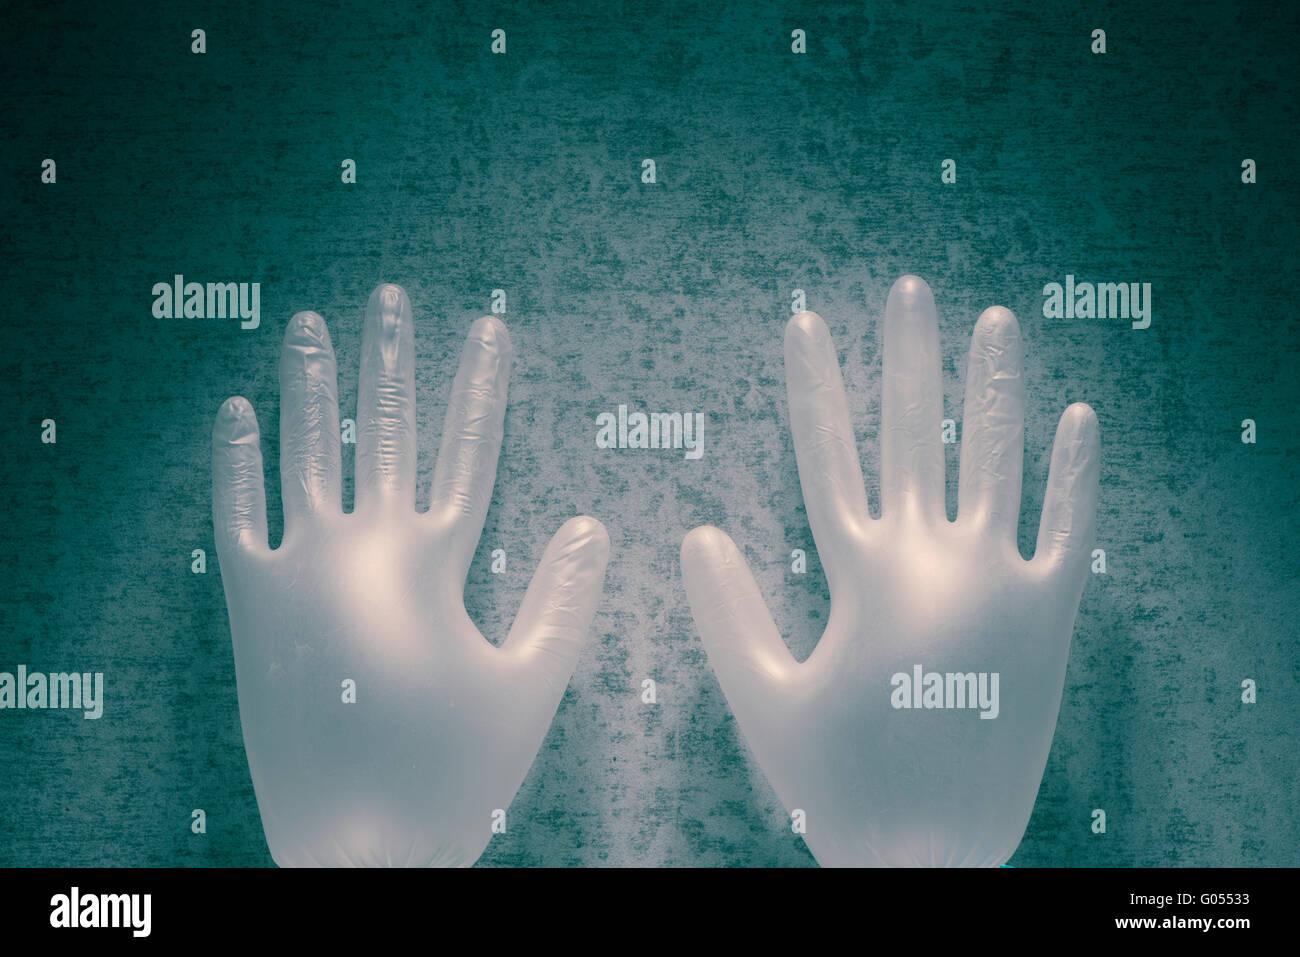 Des gants en latex et en pierre. Still Life et le symbole des mains qui travaillent dans les soins de santé. Photo Stock